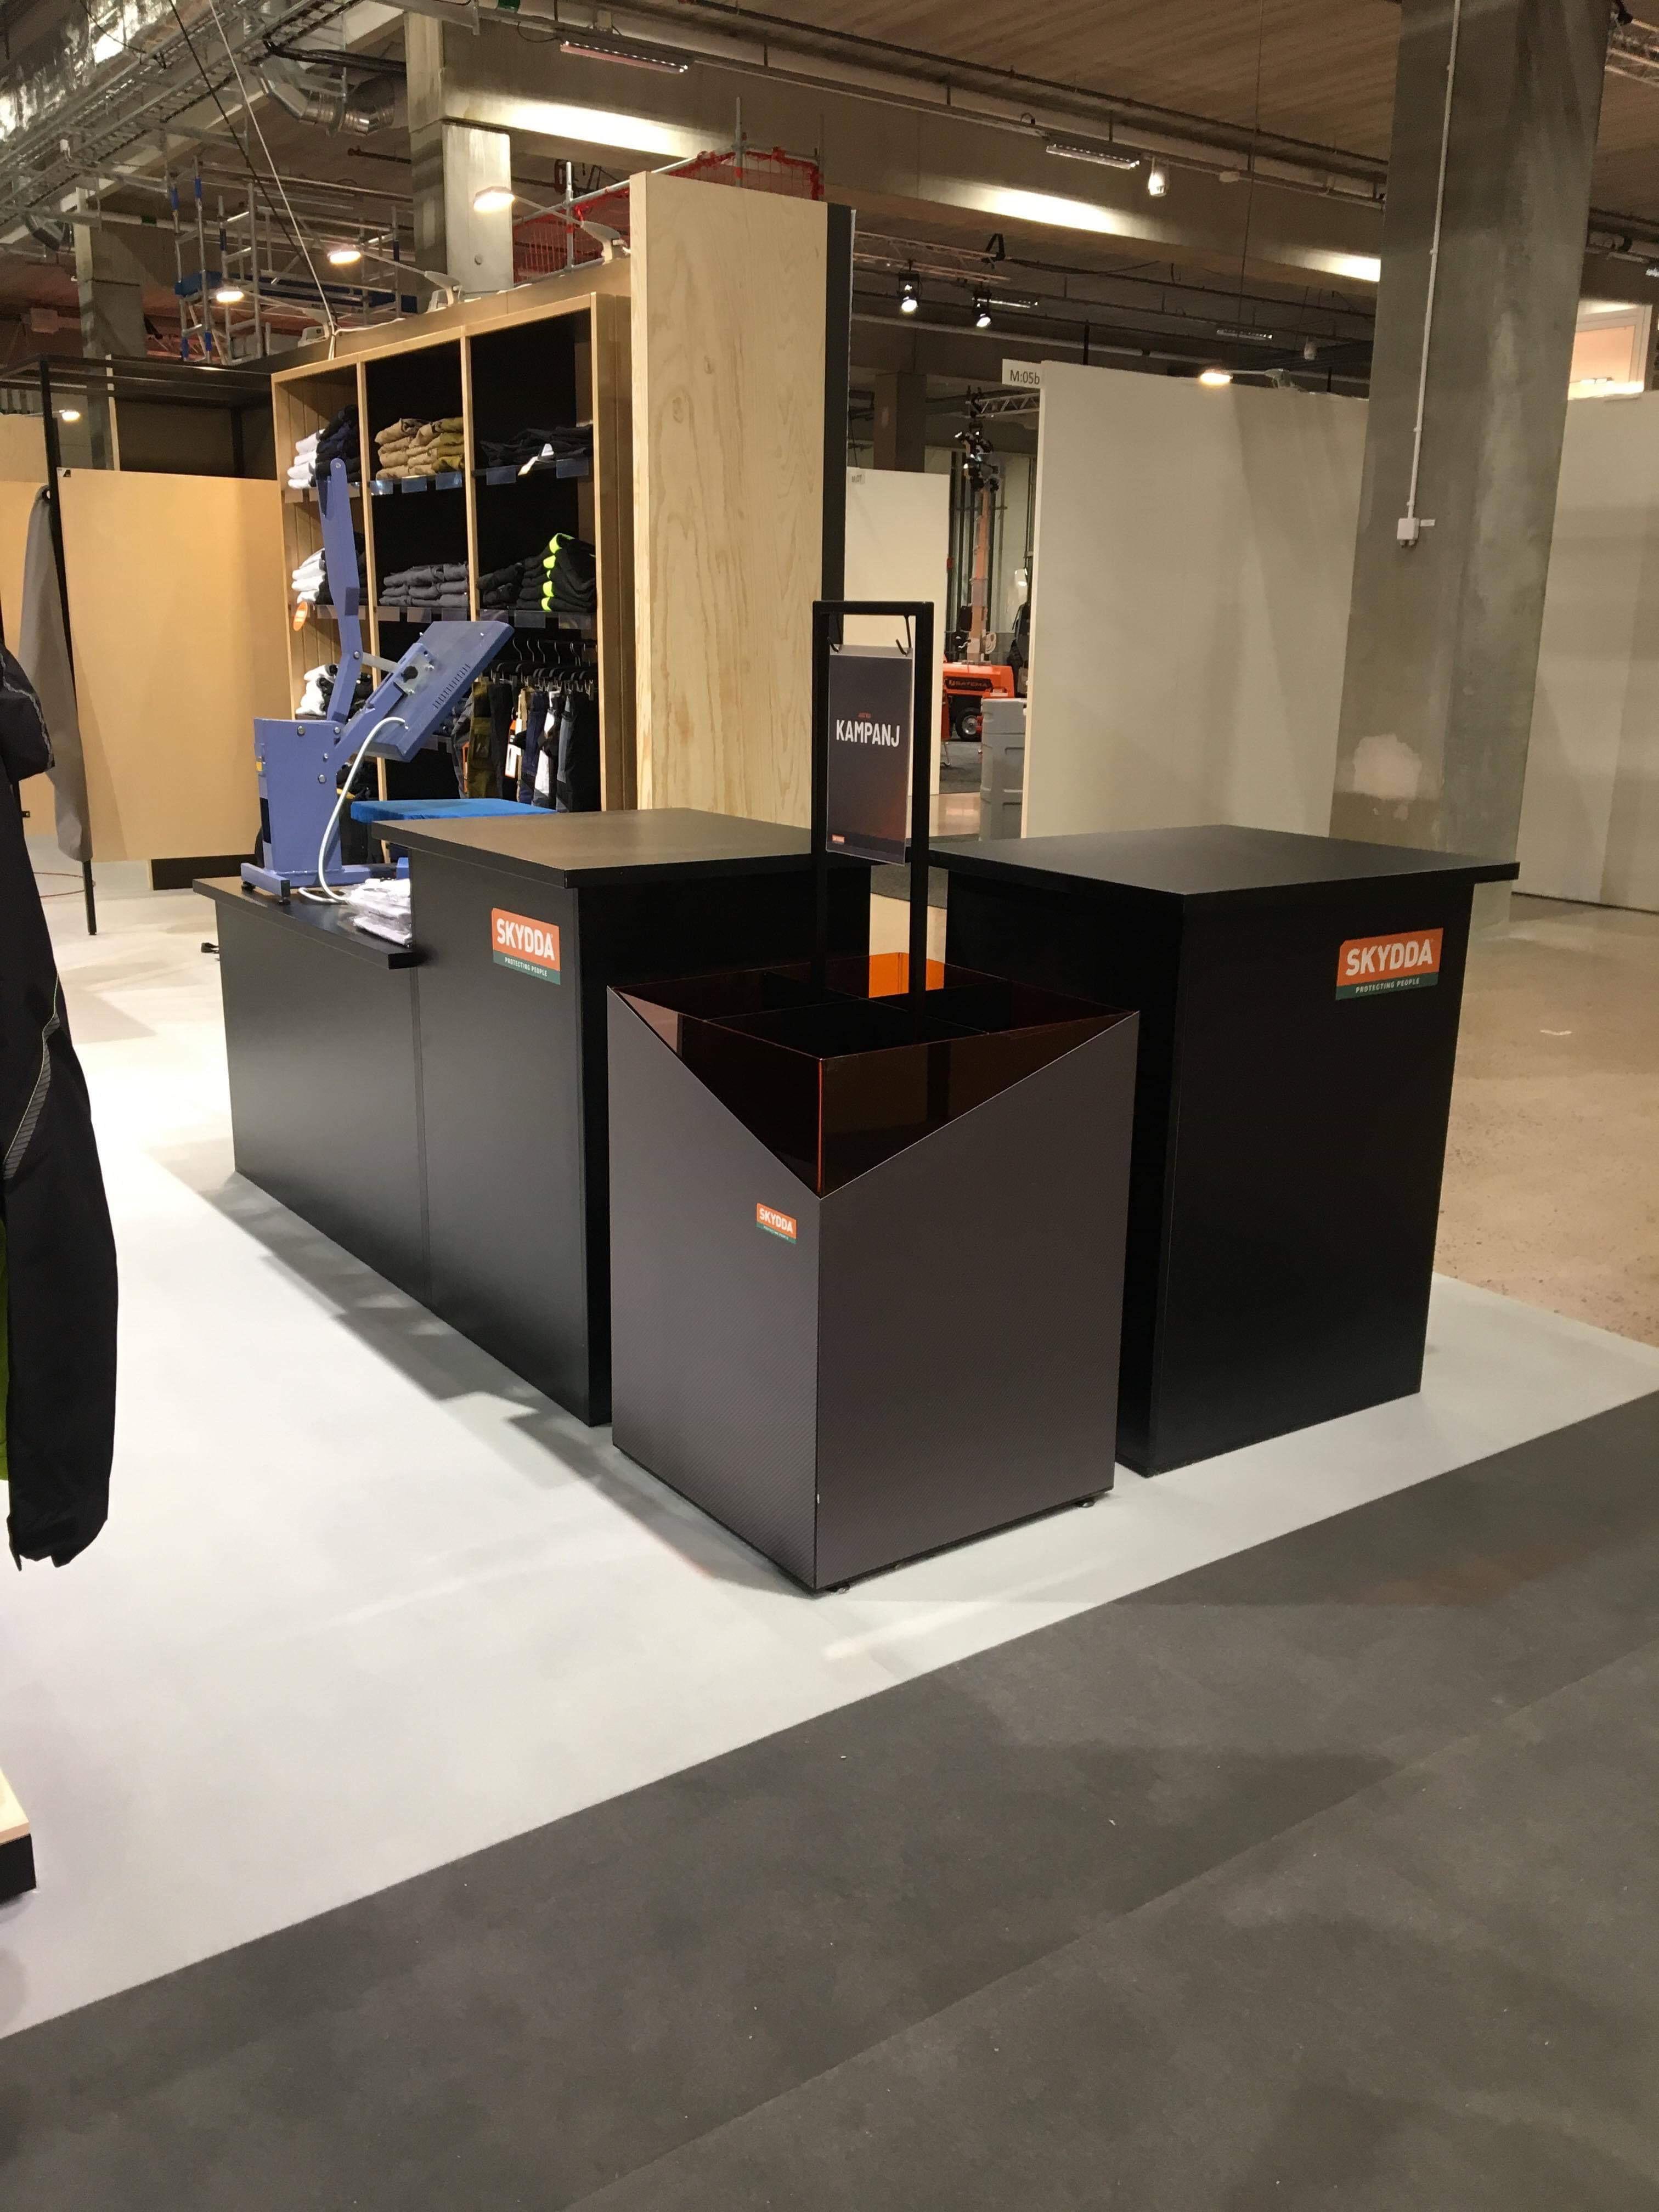 Skydda Concept Store 5